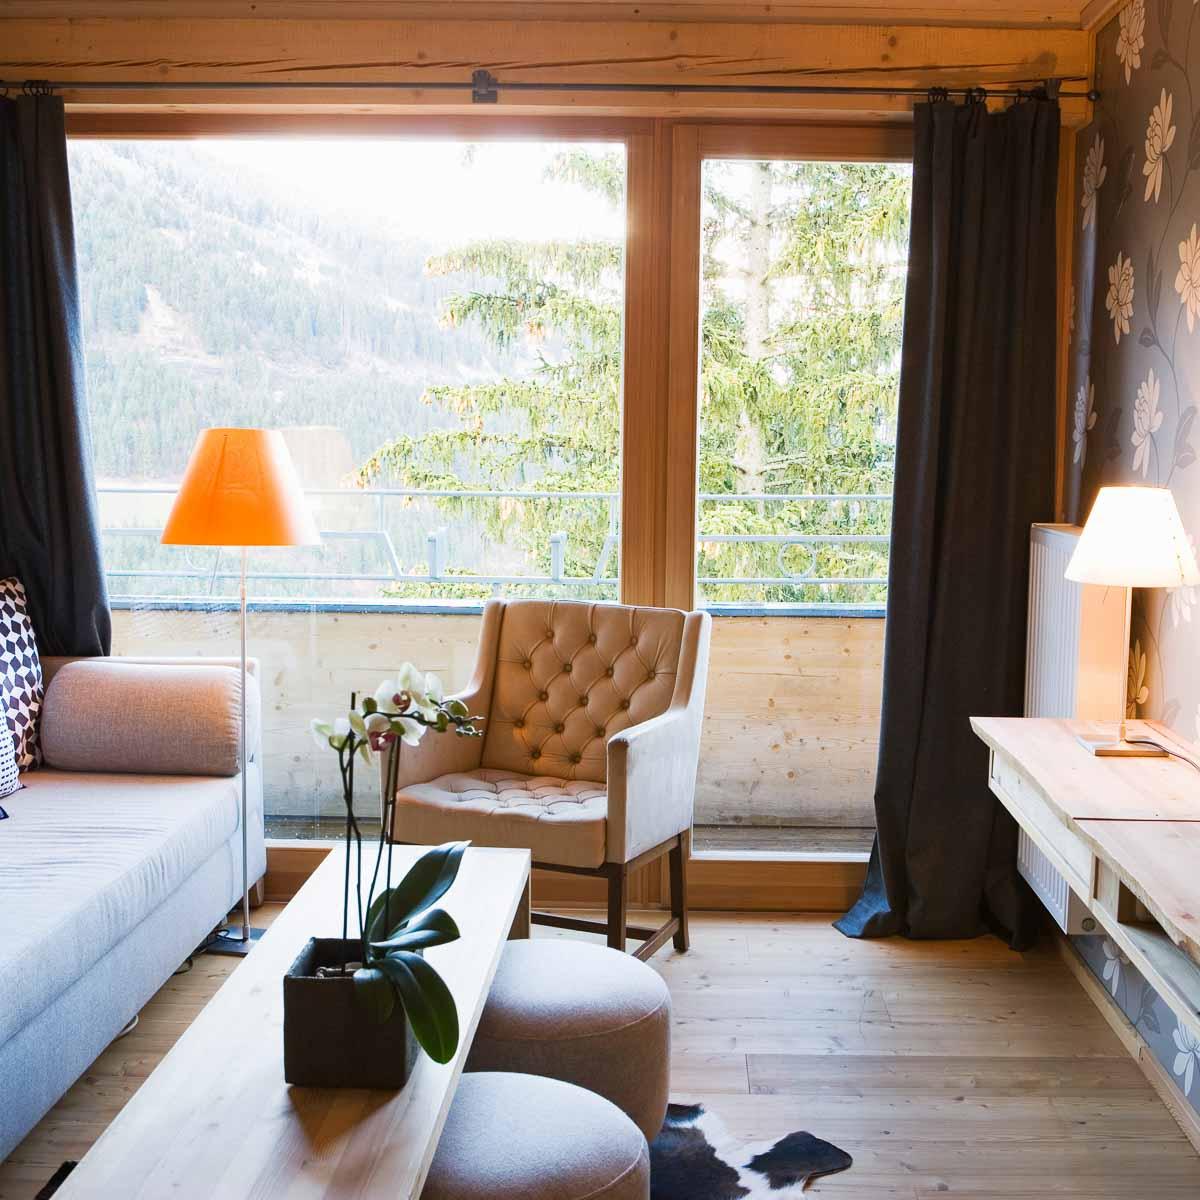 Familien Hotel Haus Hirt in Bad Gastein